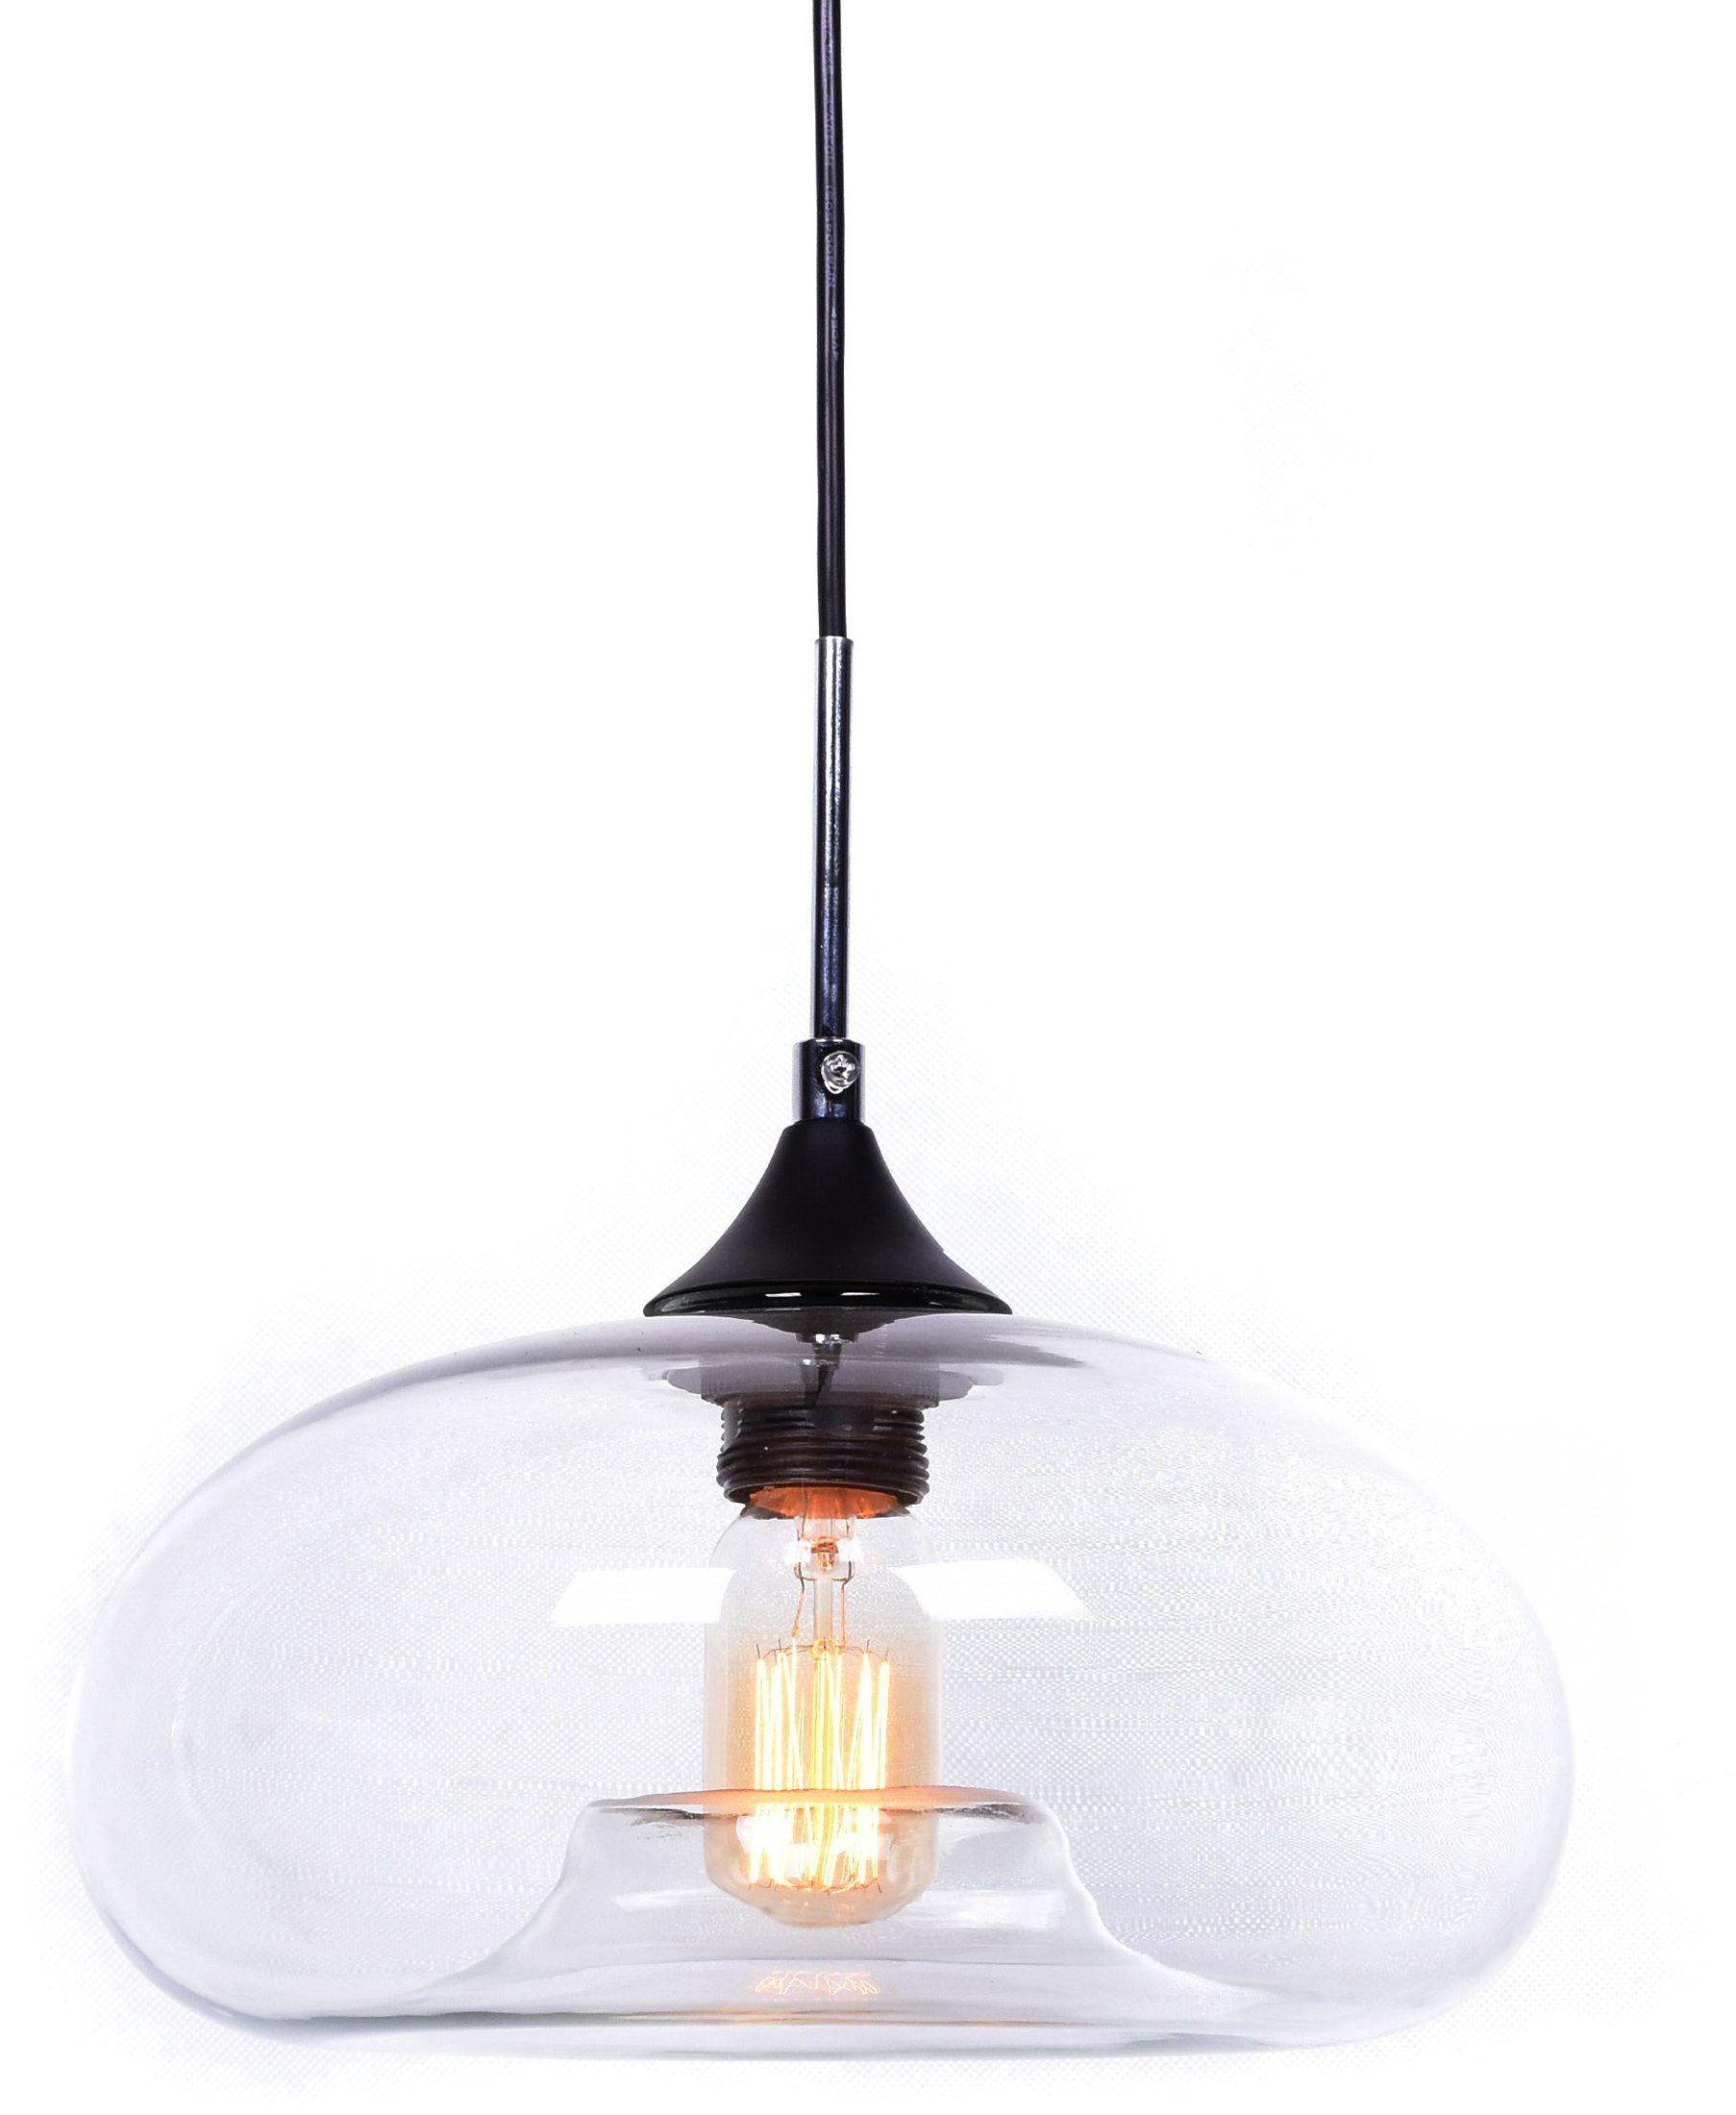 NOWOCZESNA LAMPA WISZĄCA SKANDYNAWSKA BROSSO D30 CLEAR